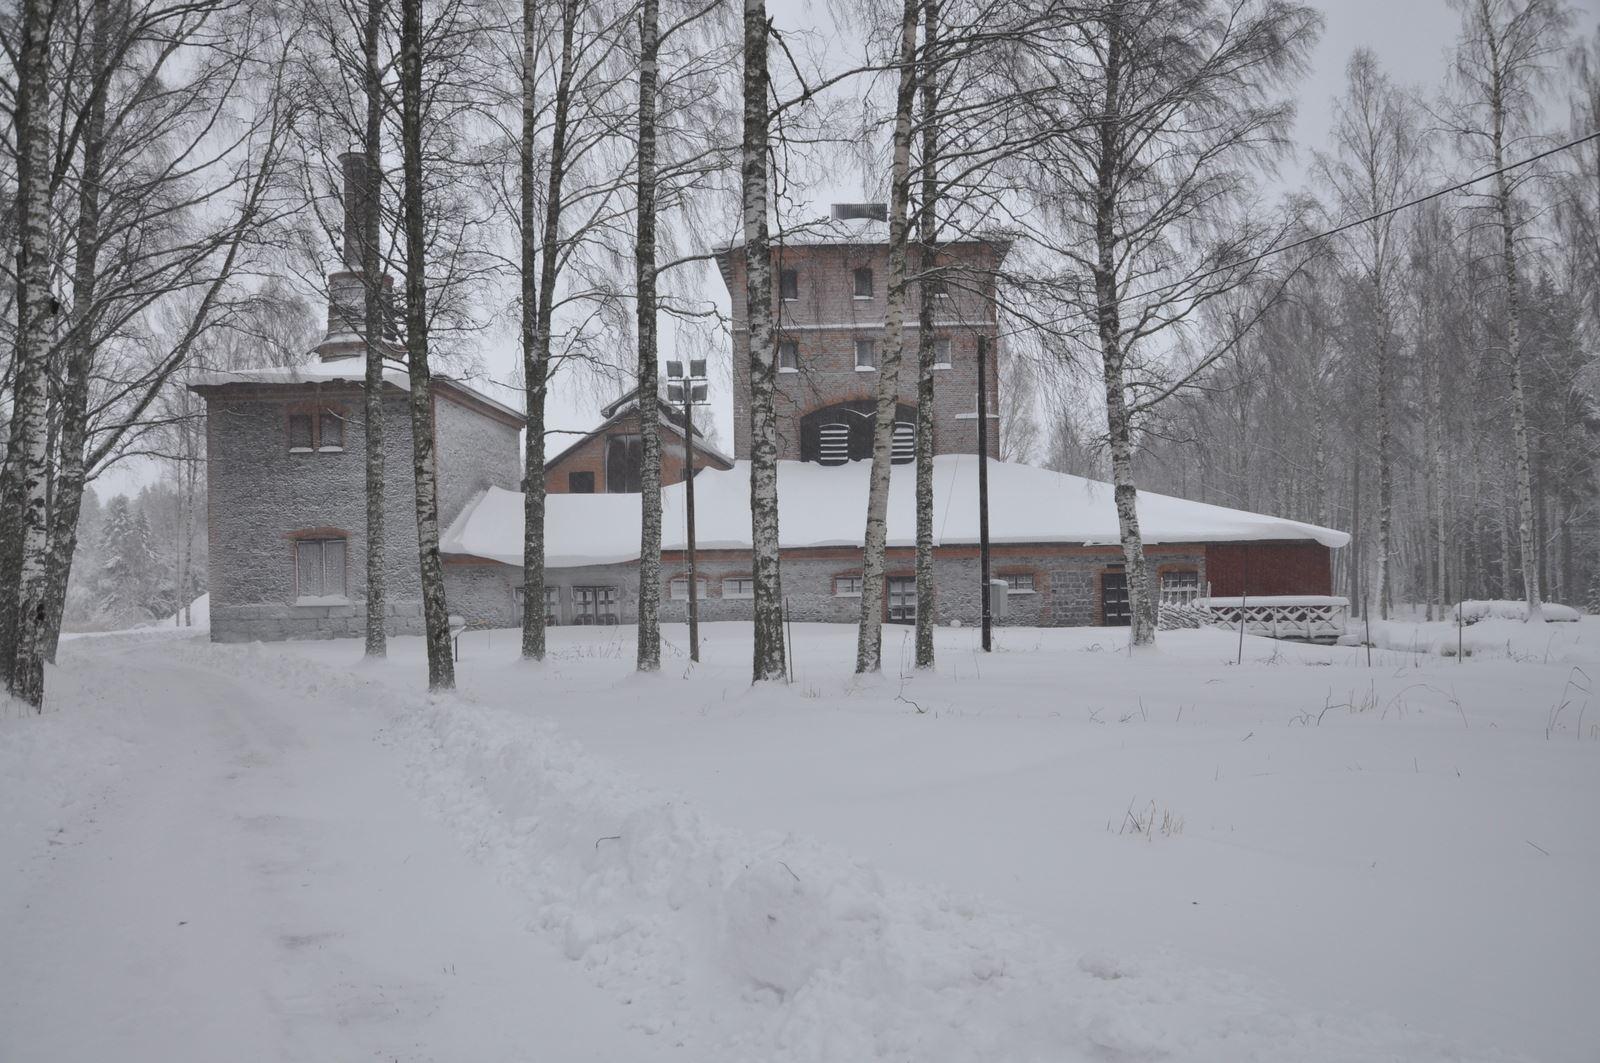 Lasse Svensson, Om snön kommer